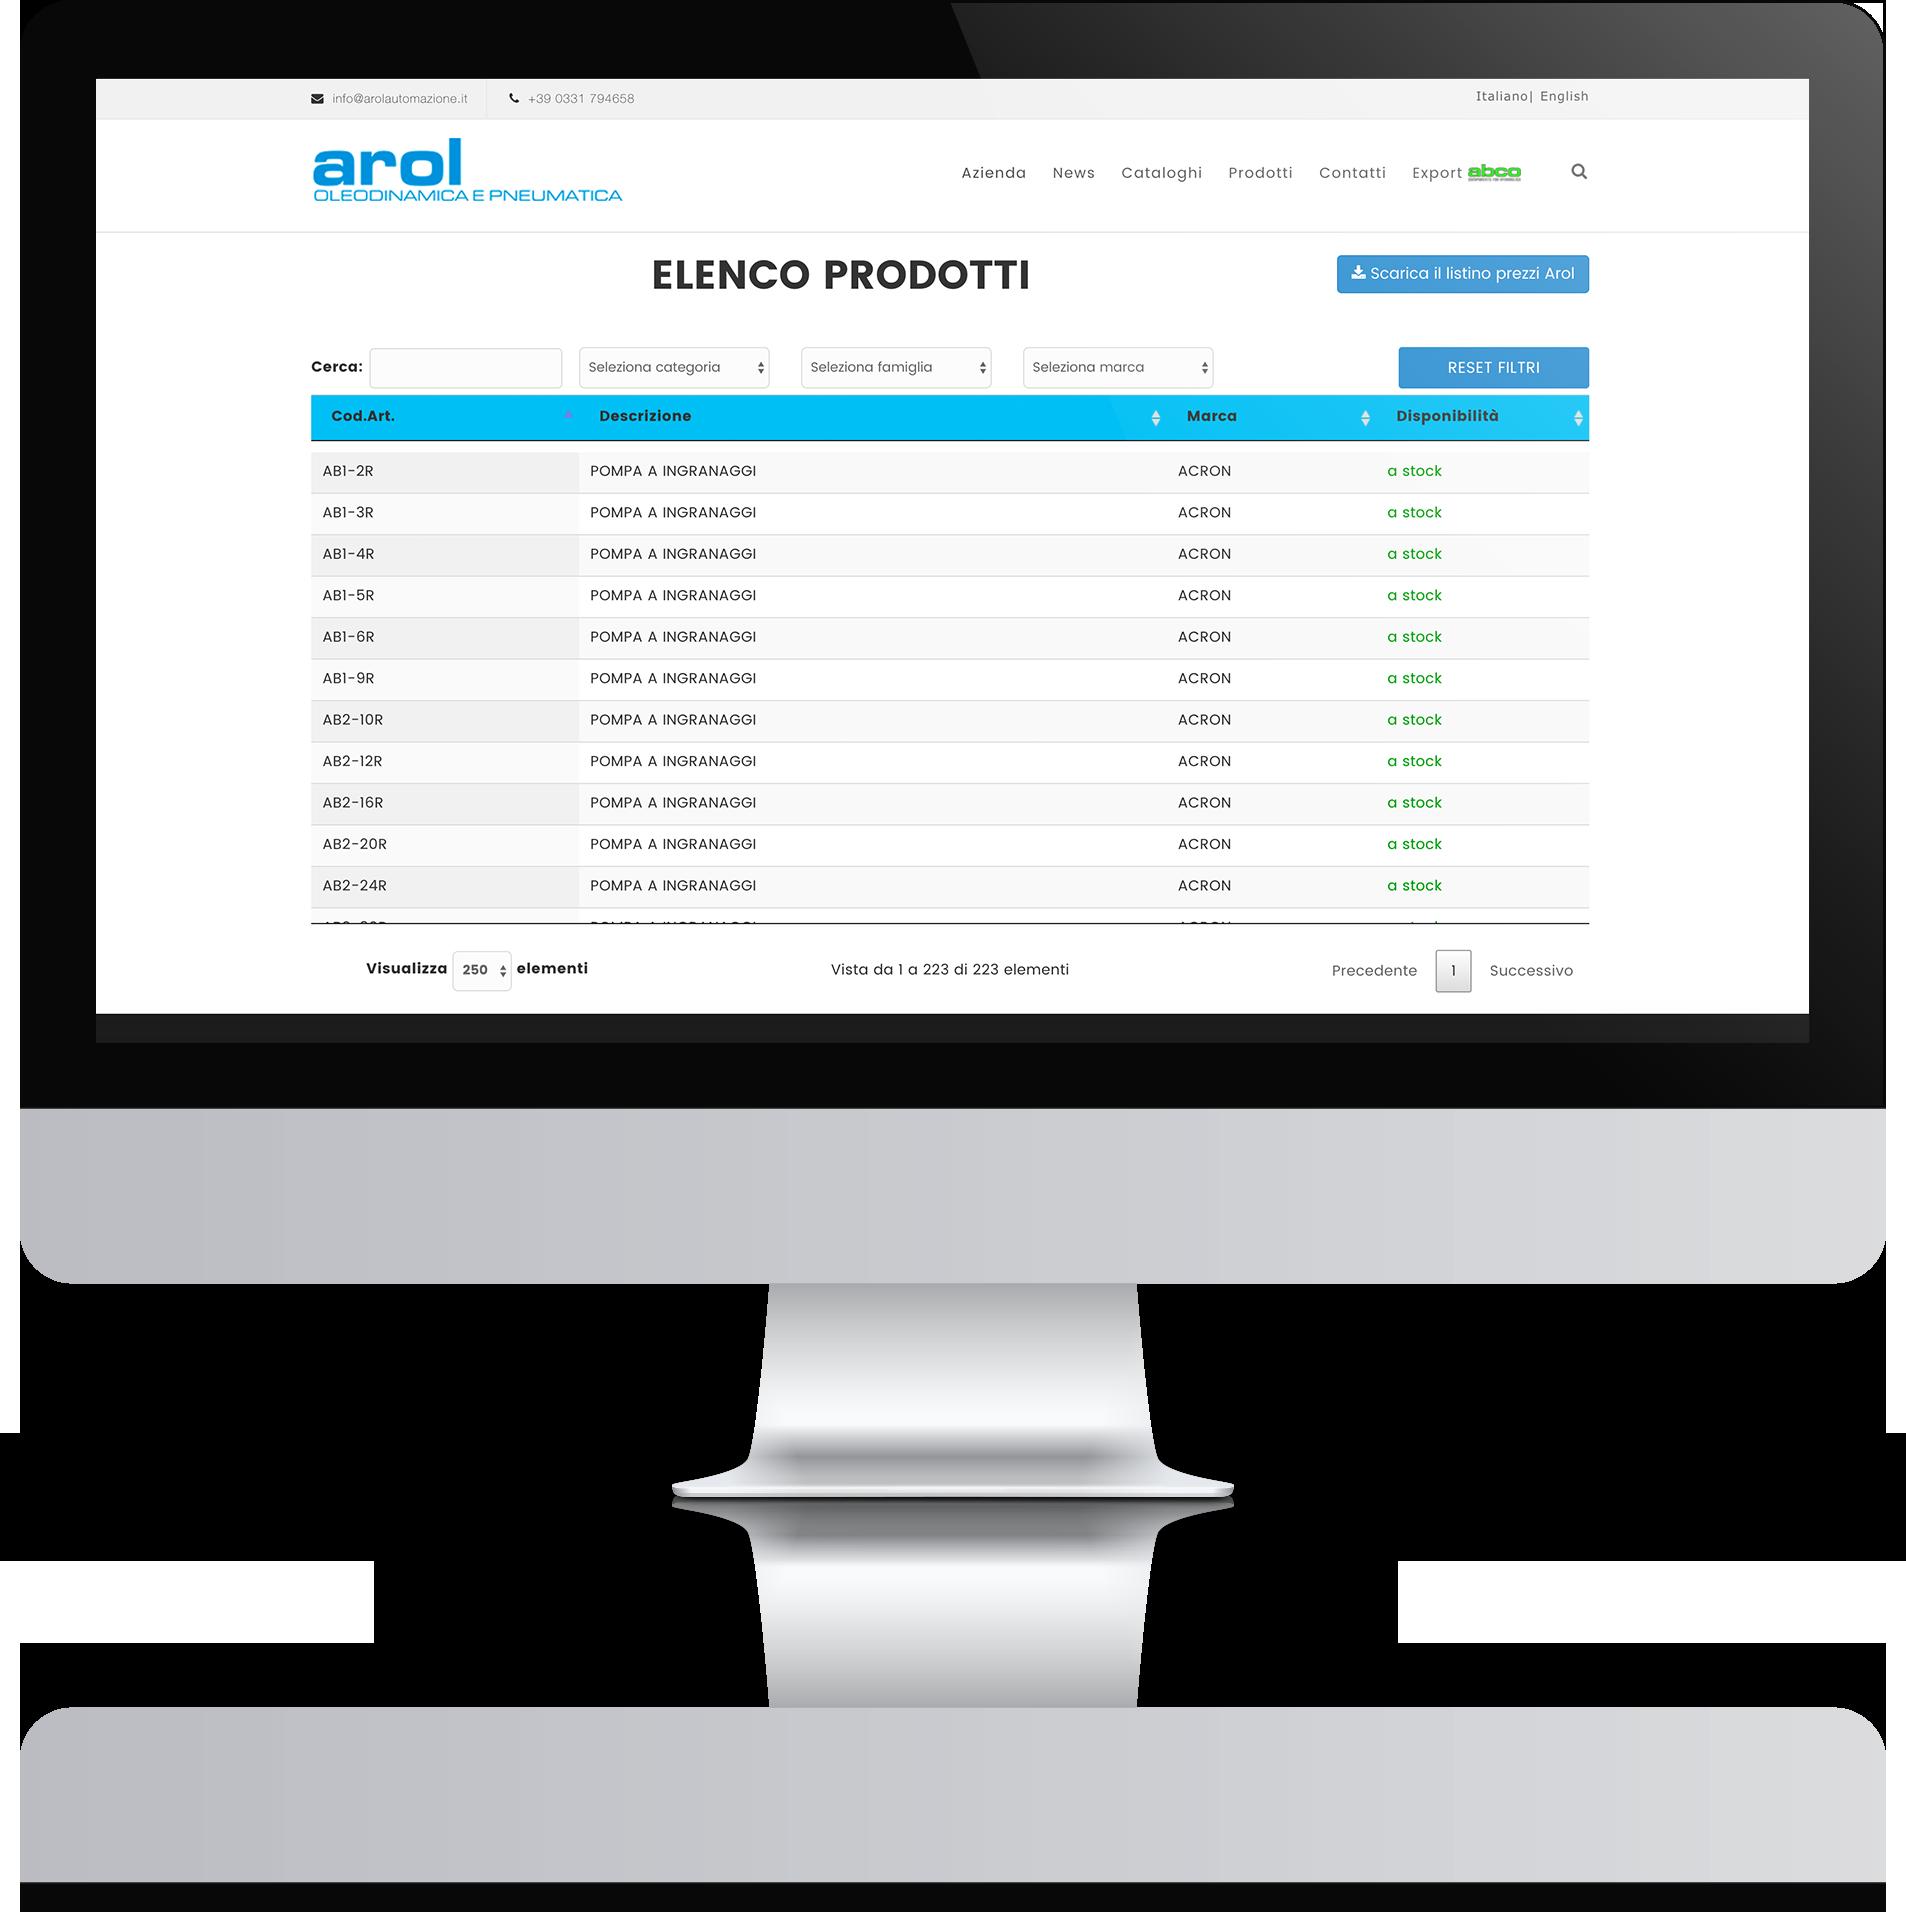 mockup desktop sviluppo sito web responsivo arol automazione